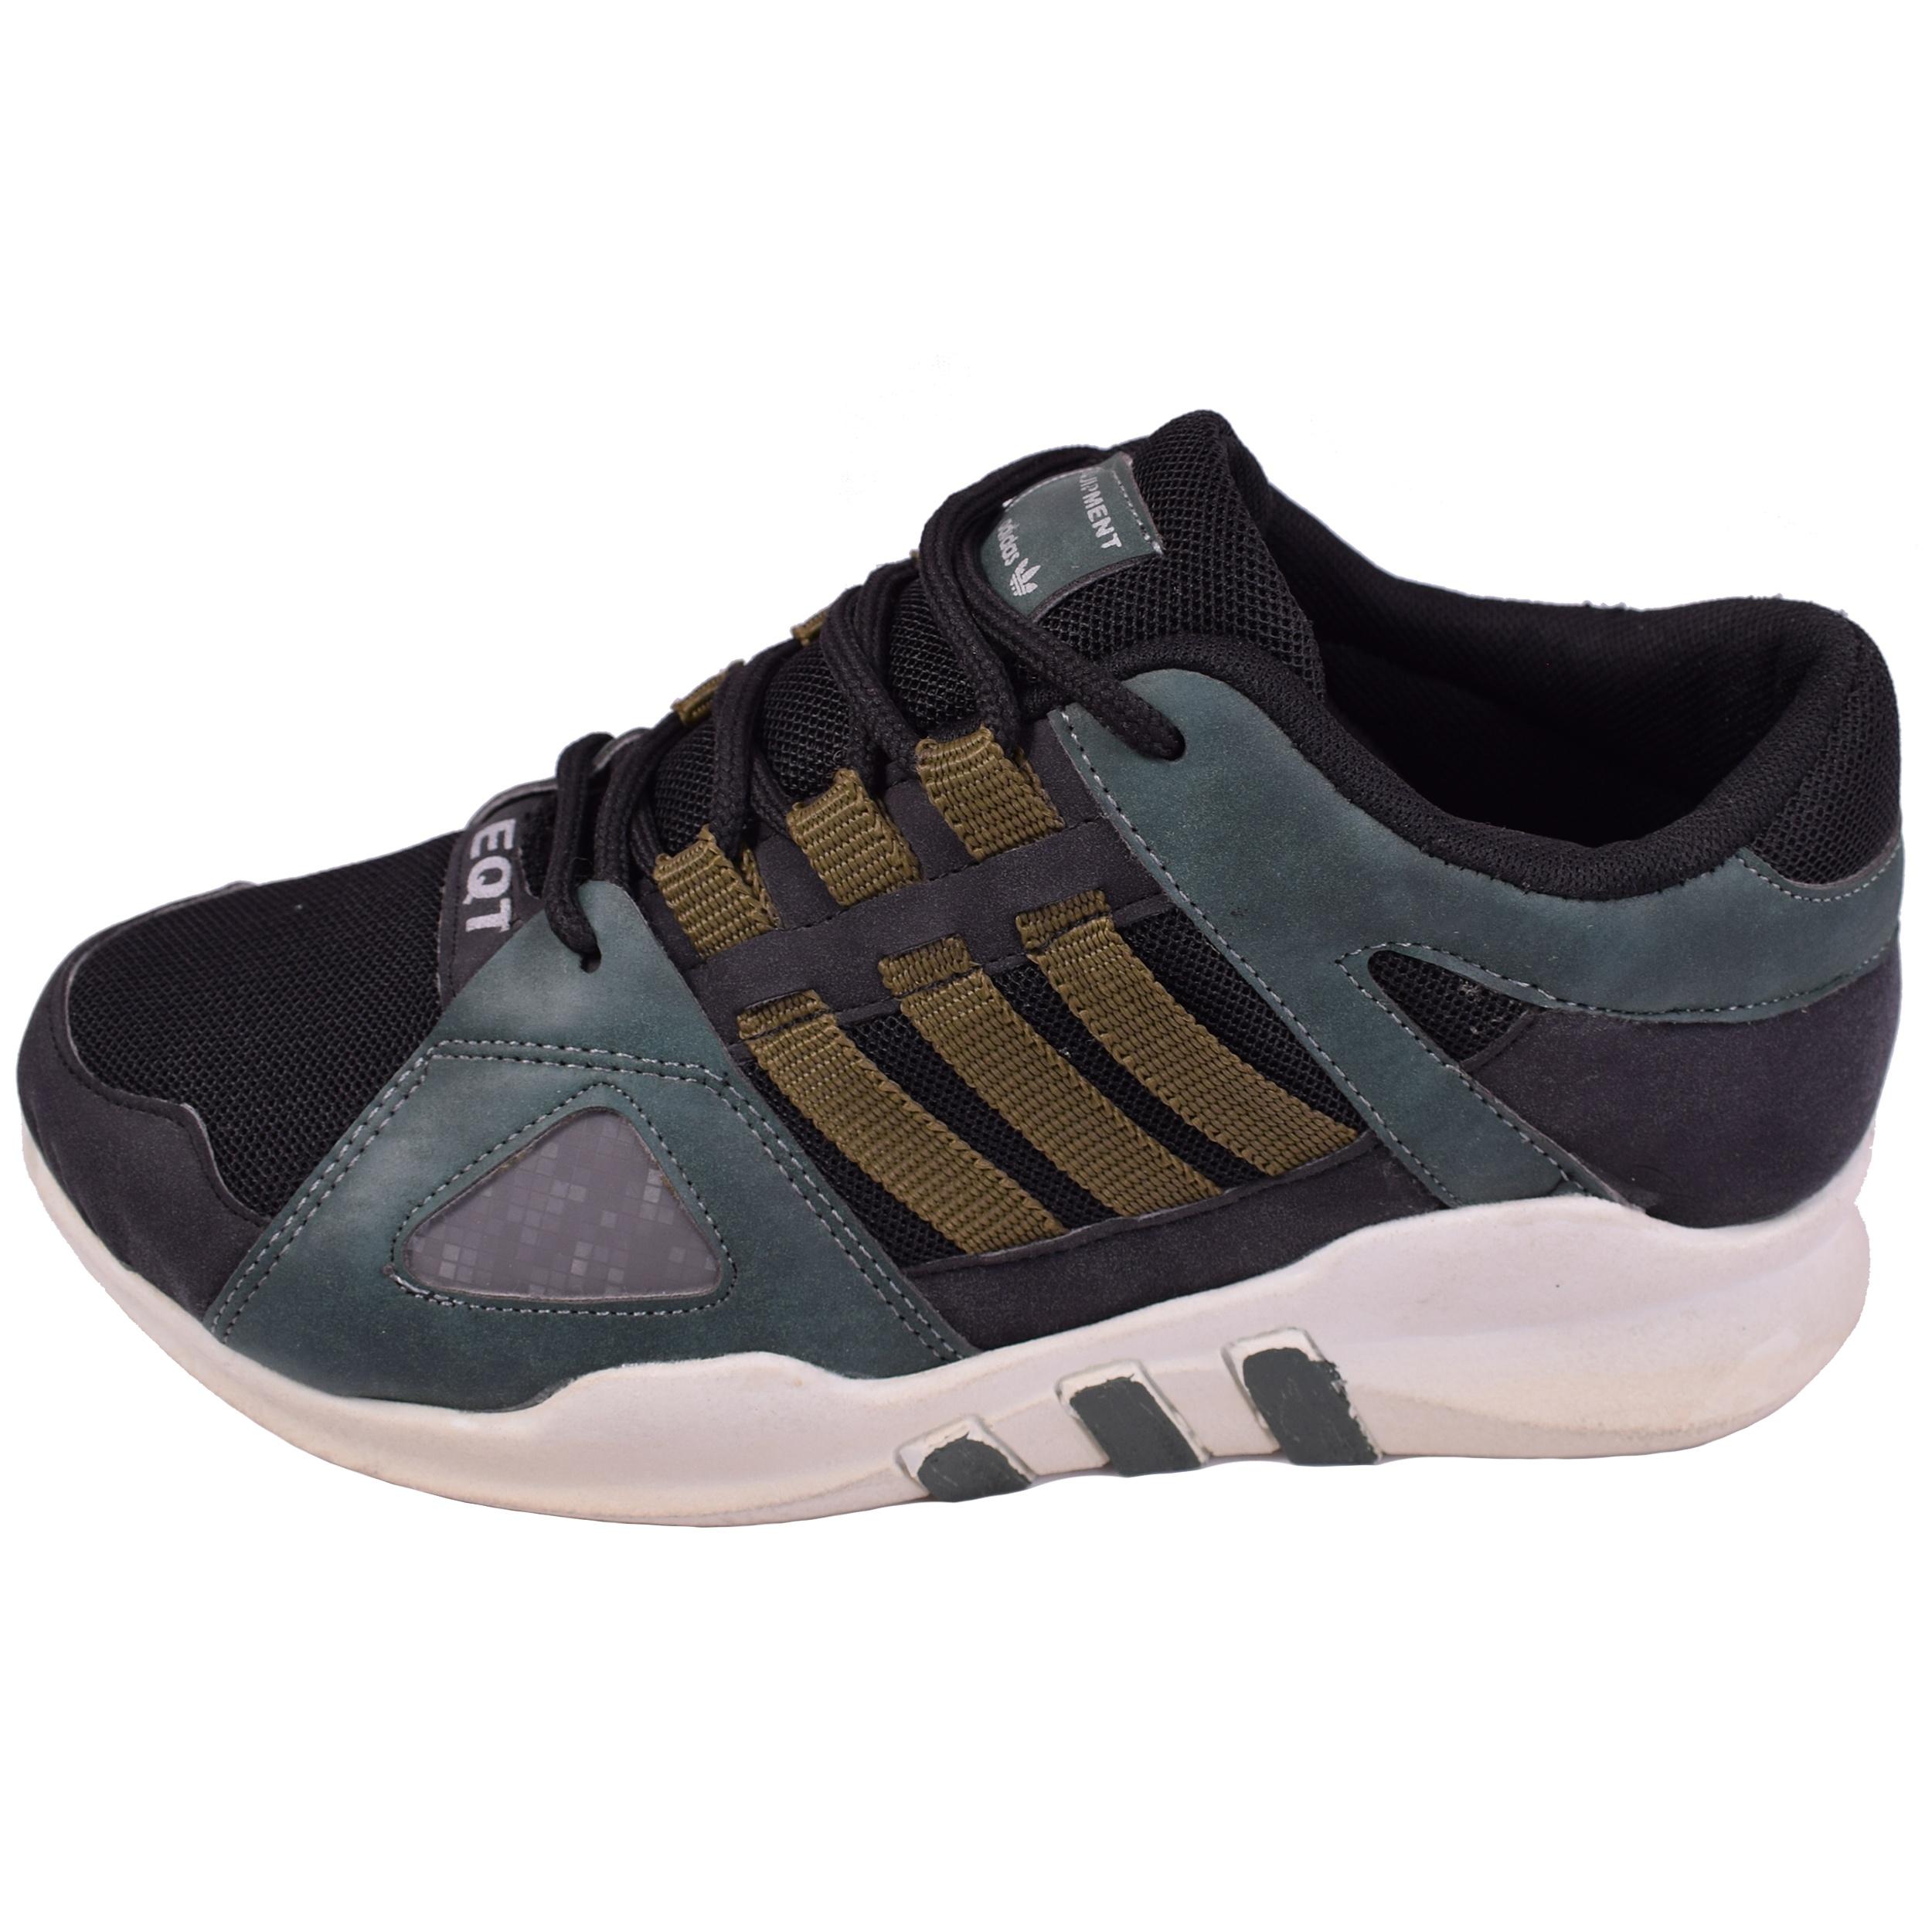 کفش مخصوص پیاده روی زنانه مدل ایکیو کد 8971 رنگ مشکی